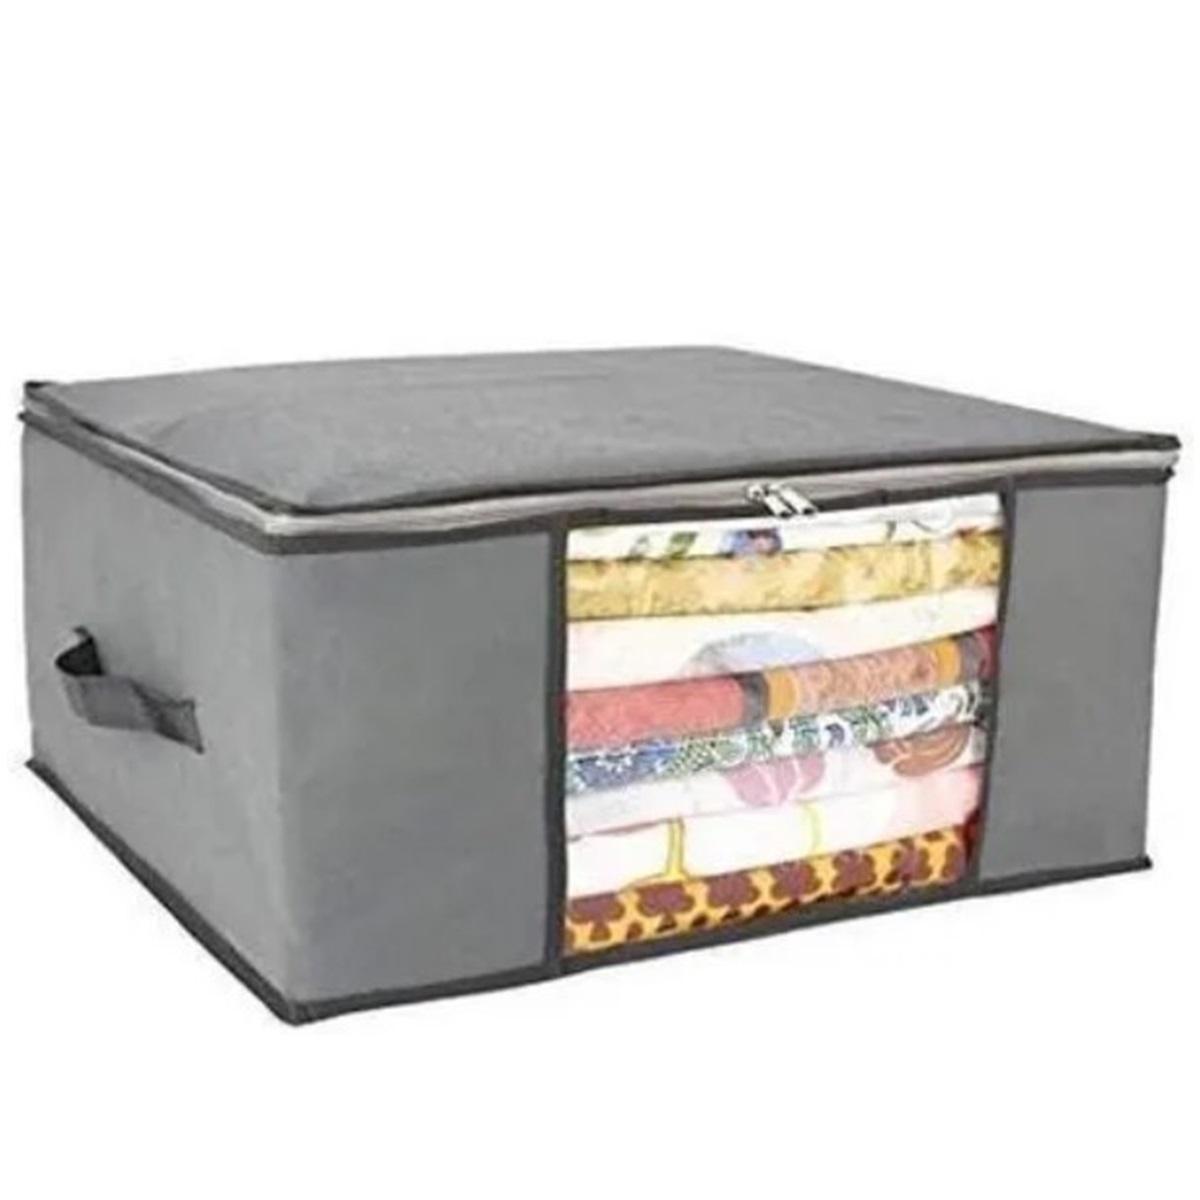 Caixa Organizadora Flexivel de Tecido 60X45 AmiGold - AM-1596